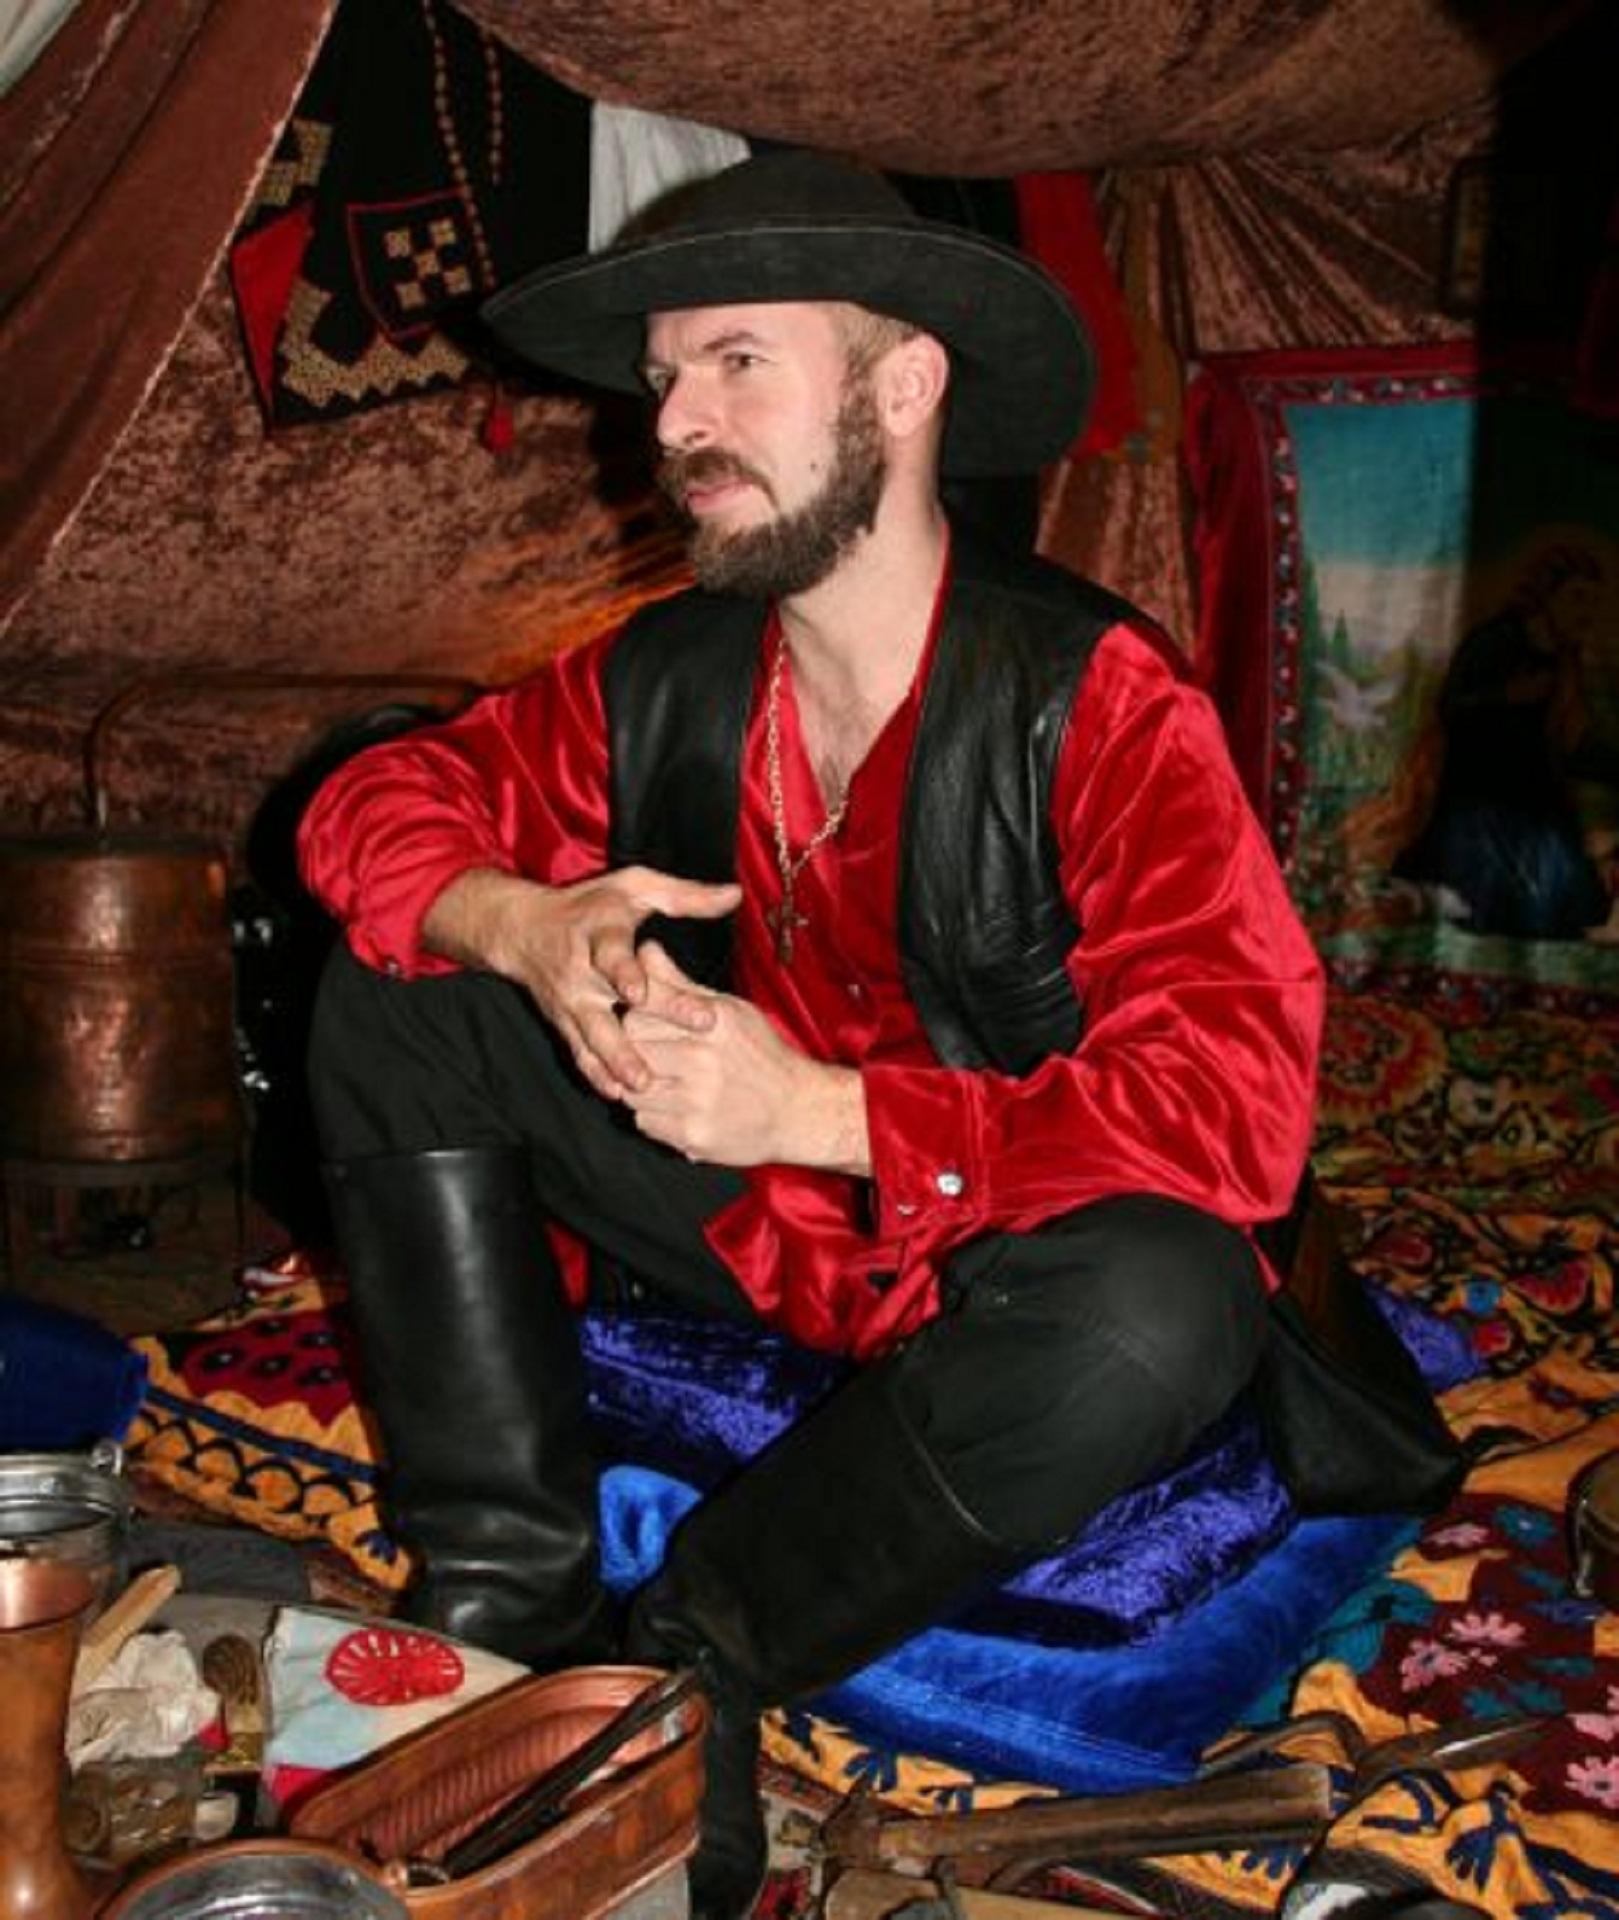 фраза твоей цыганский костюм мужской фото этом